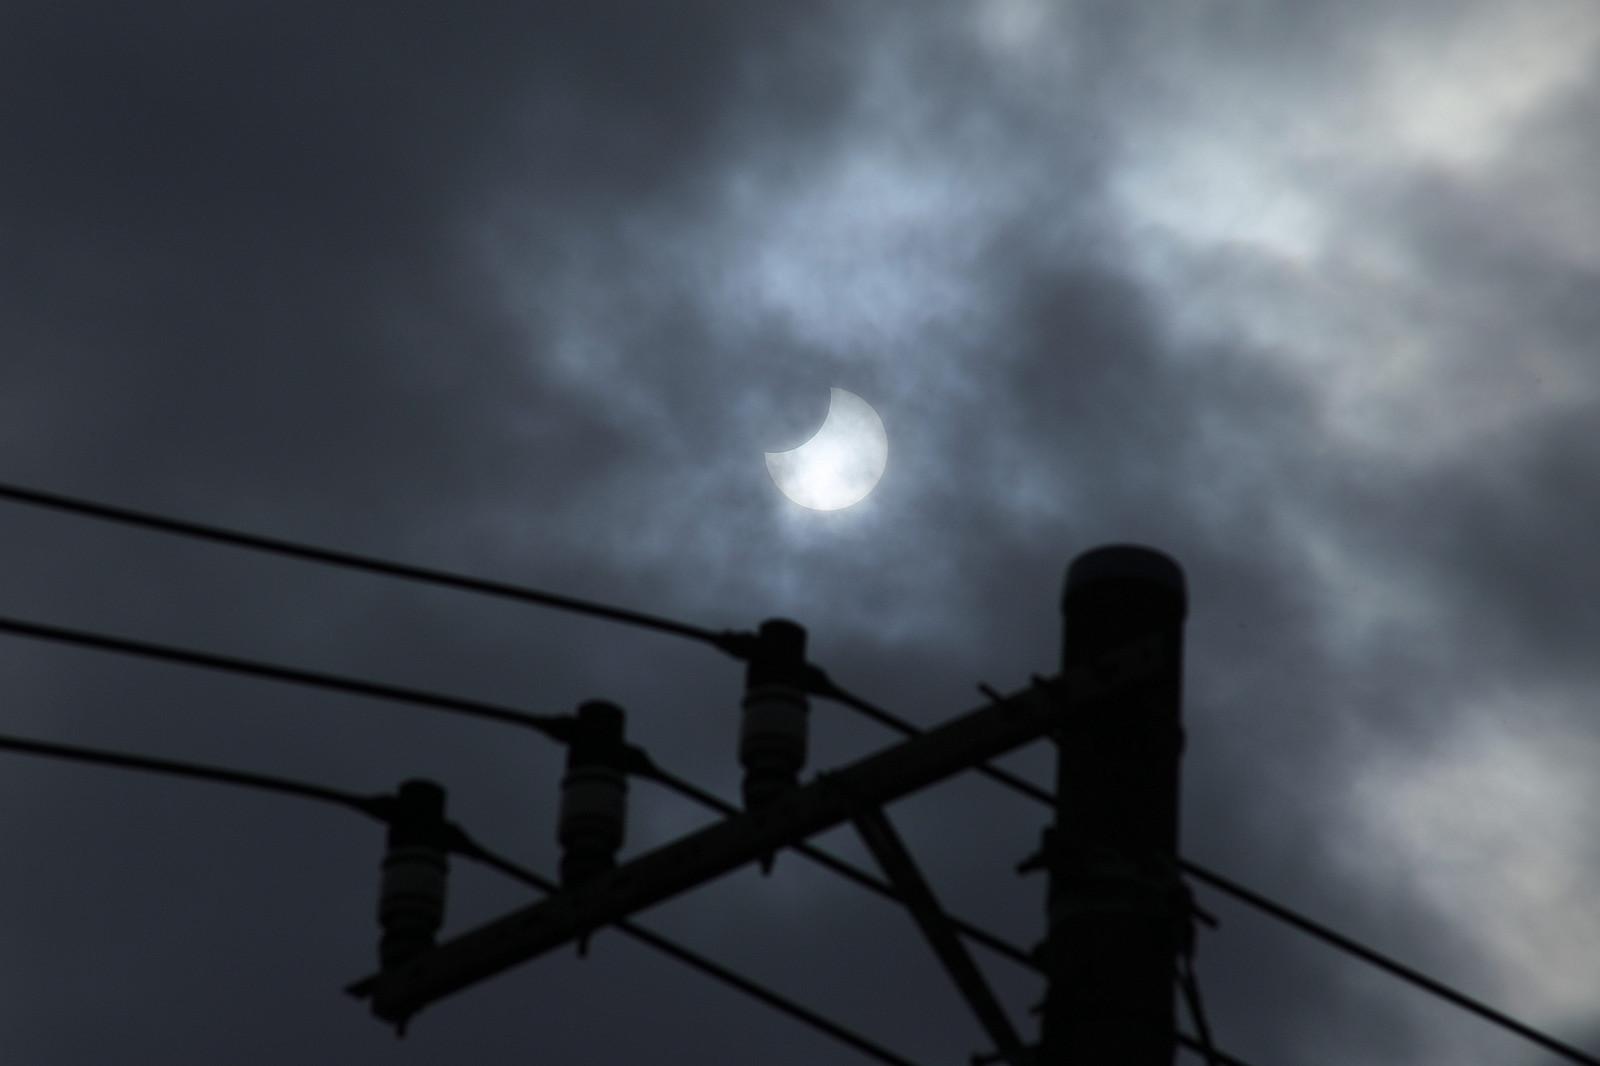 明日 の 天気 相模原 【一番当たる】相模原市中央区の最新天気(1時間・今日明日・週間)